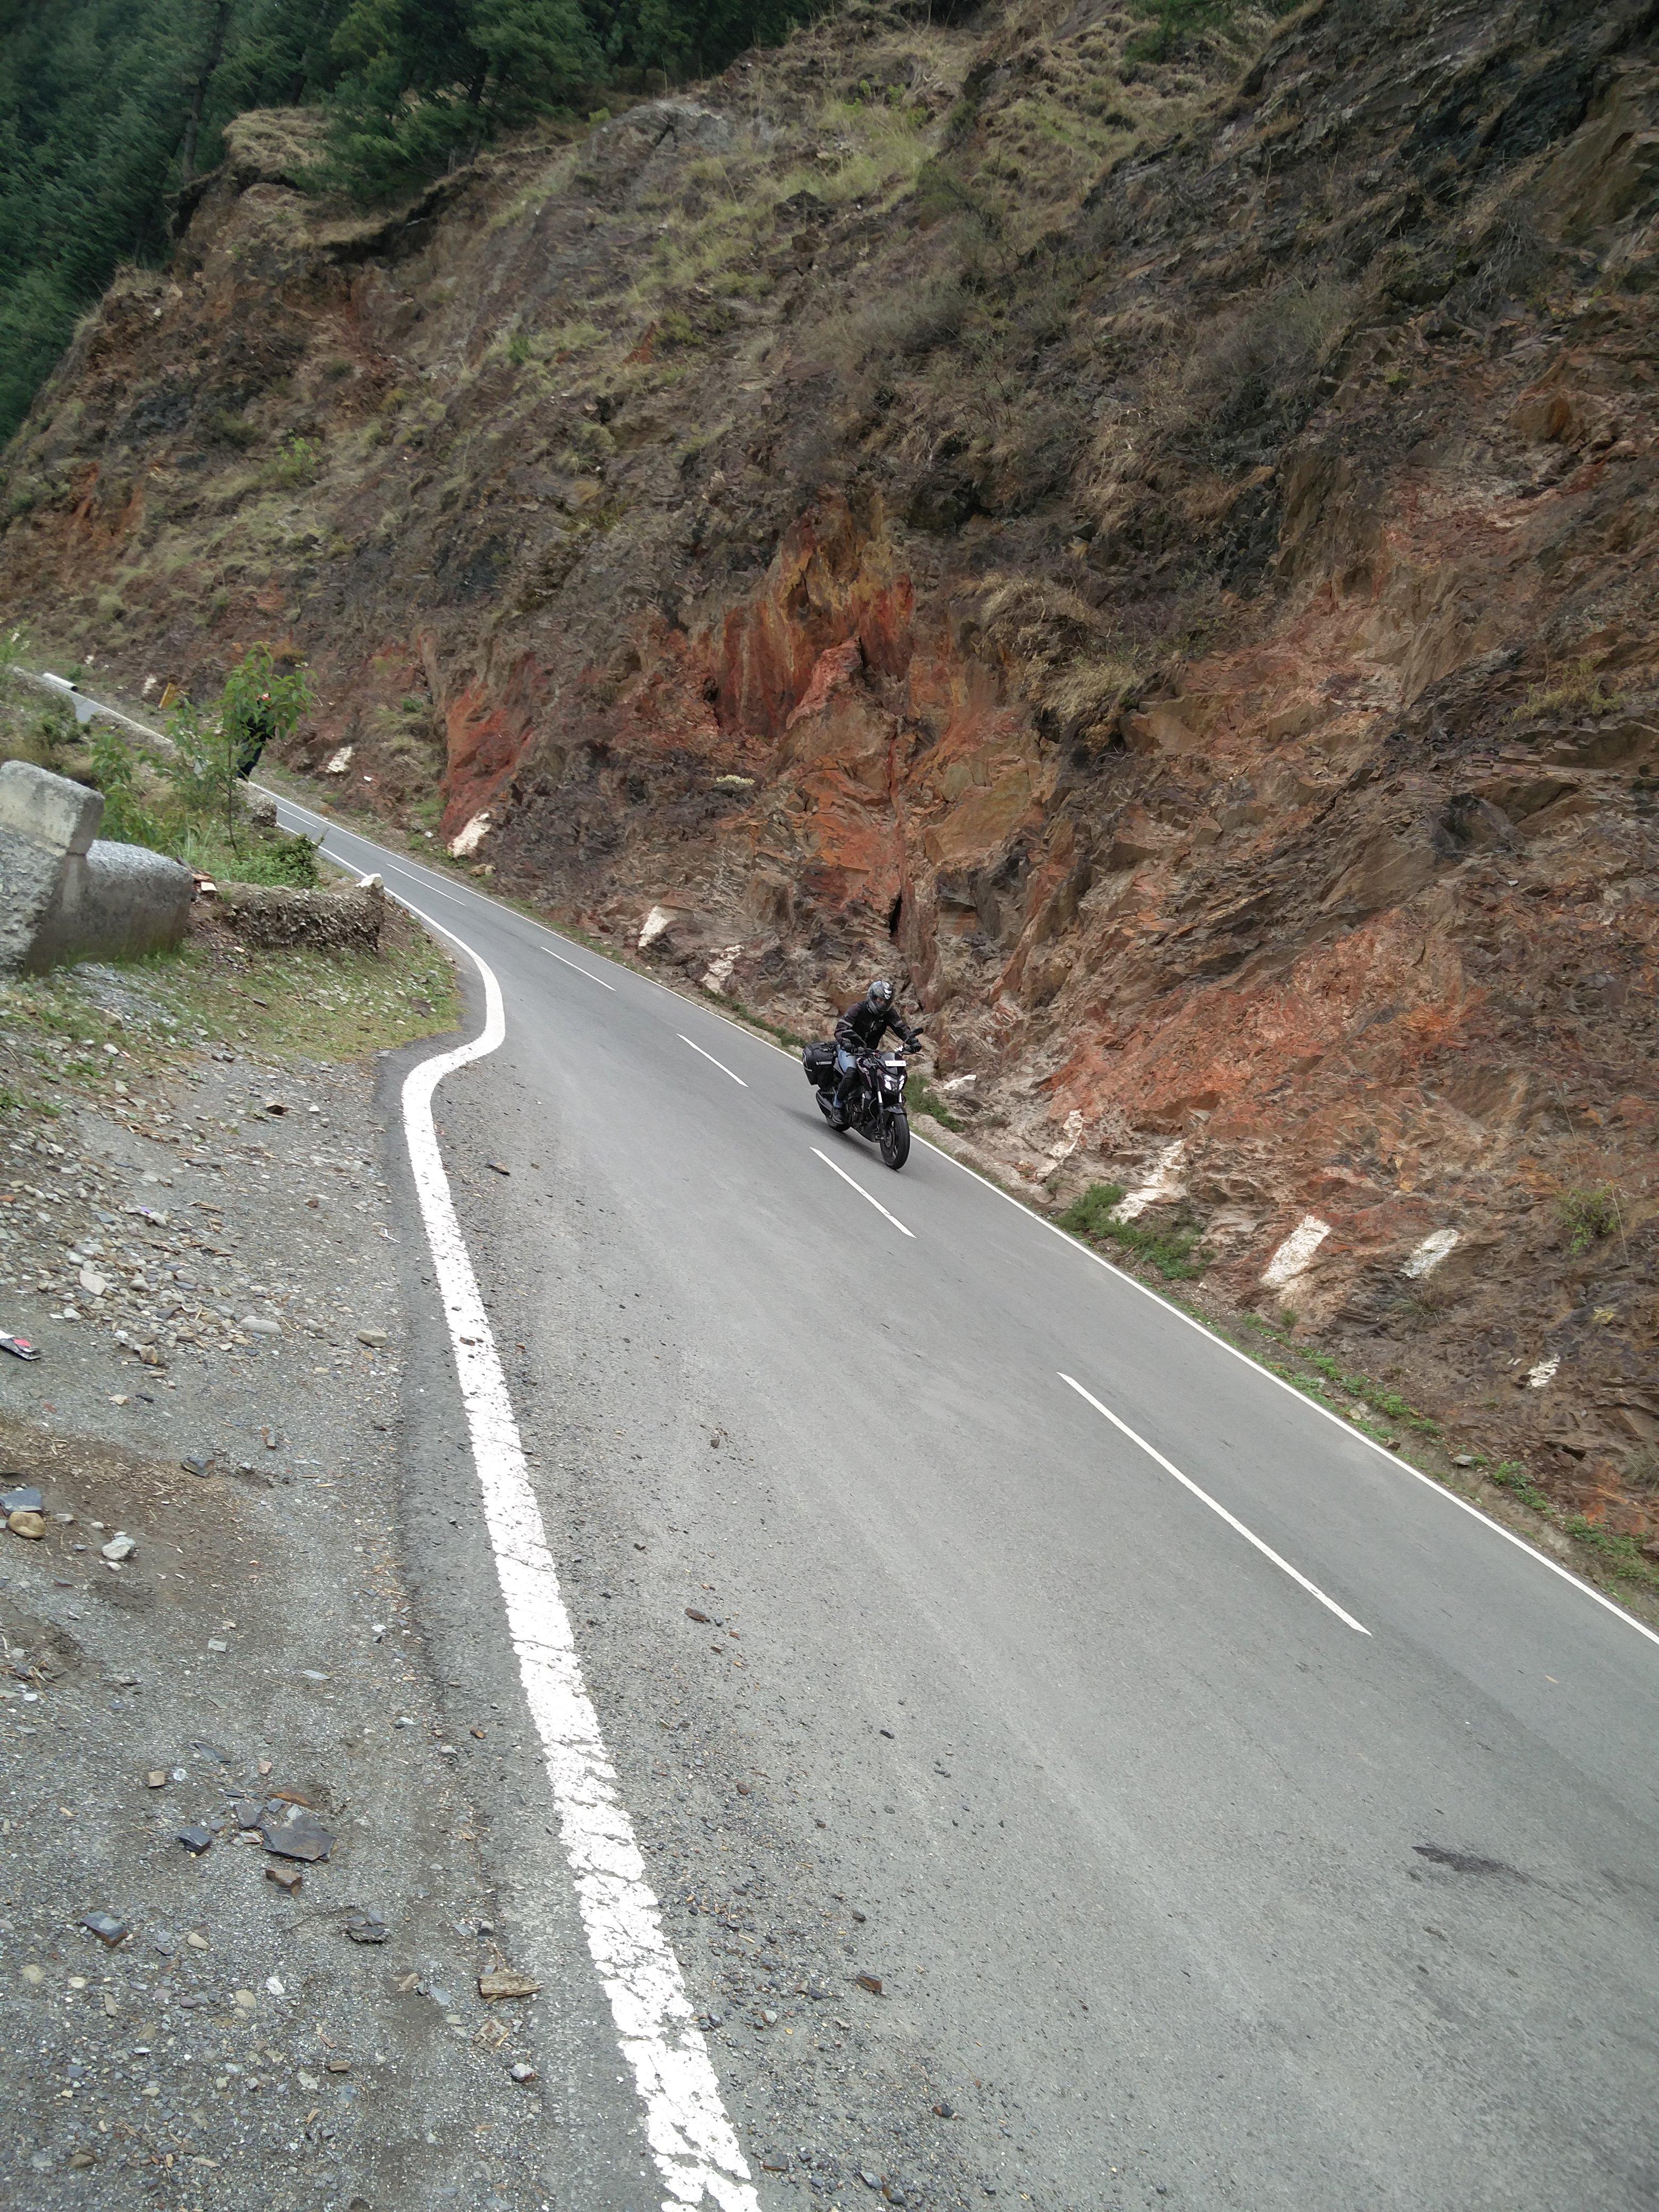 Ride Image by Rohit Sagar